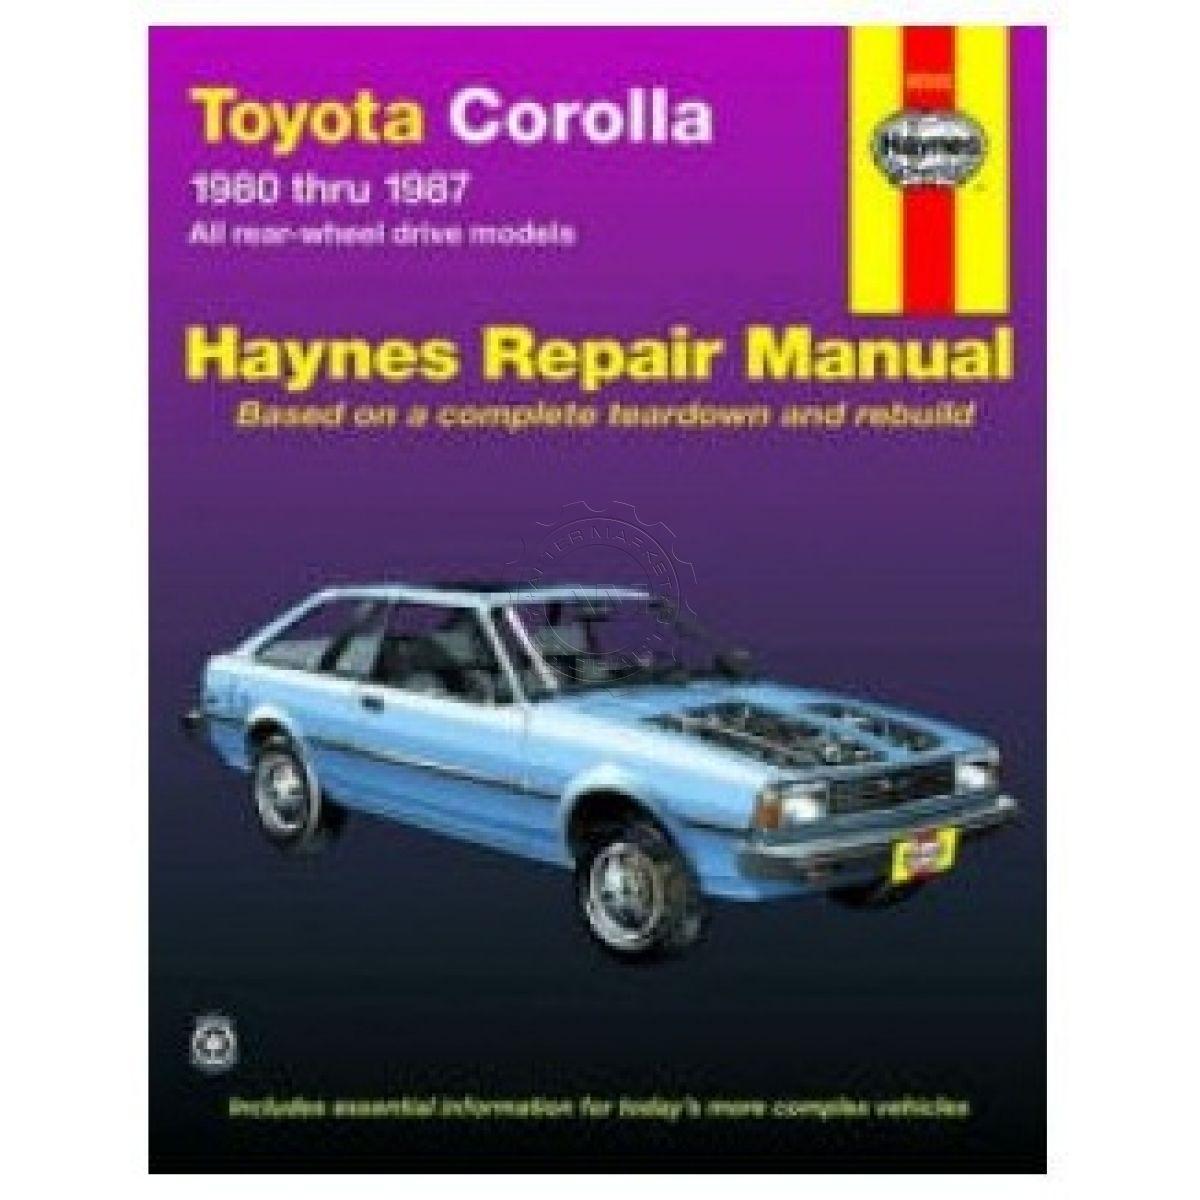 haynes repair manual for toyota corolla 80 83 84 85 86 87 ebay rh ebay com toyota corolla ae86 manual manual toyota corolla avila 86